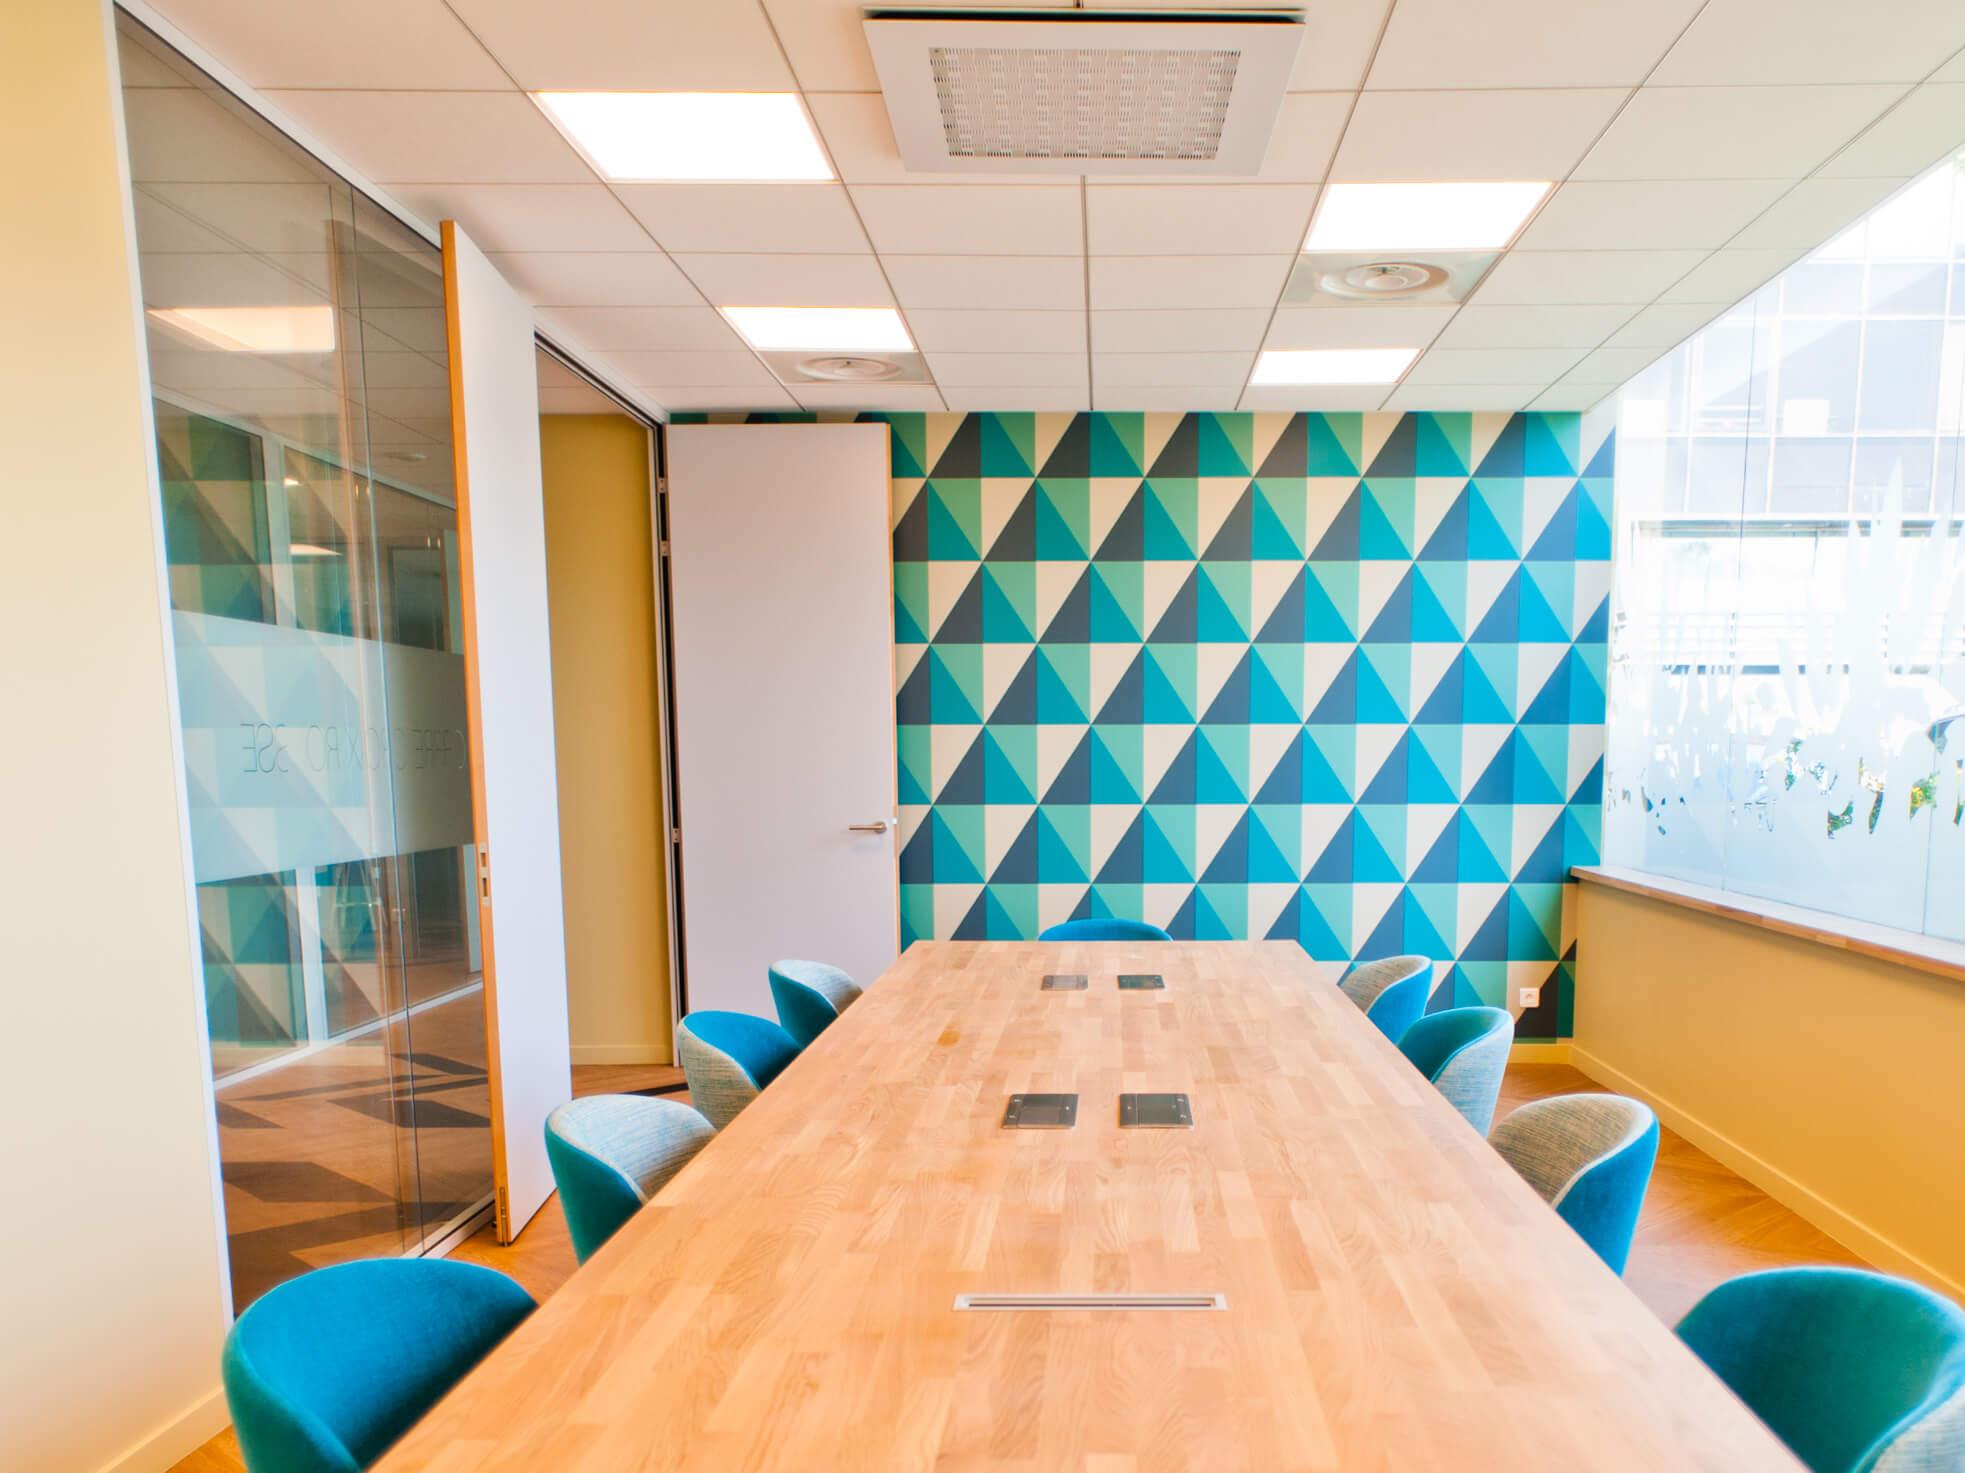 Vitrophanie Bureau Lyon- SES Grigny Lyon- Enseigniste- Fabrication et installation d'enseignes